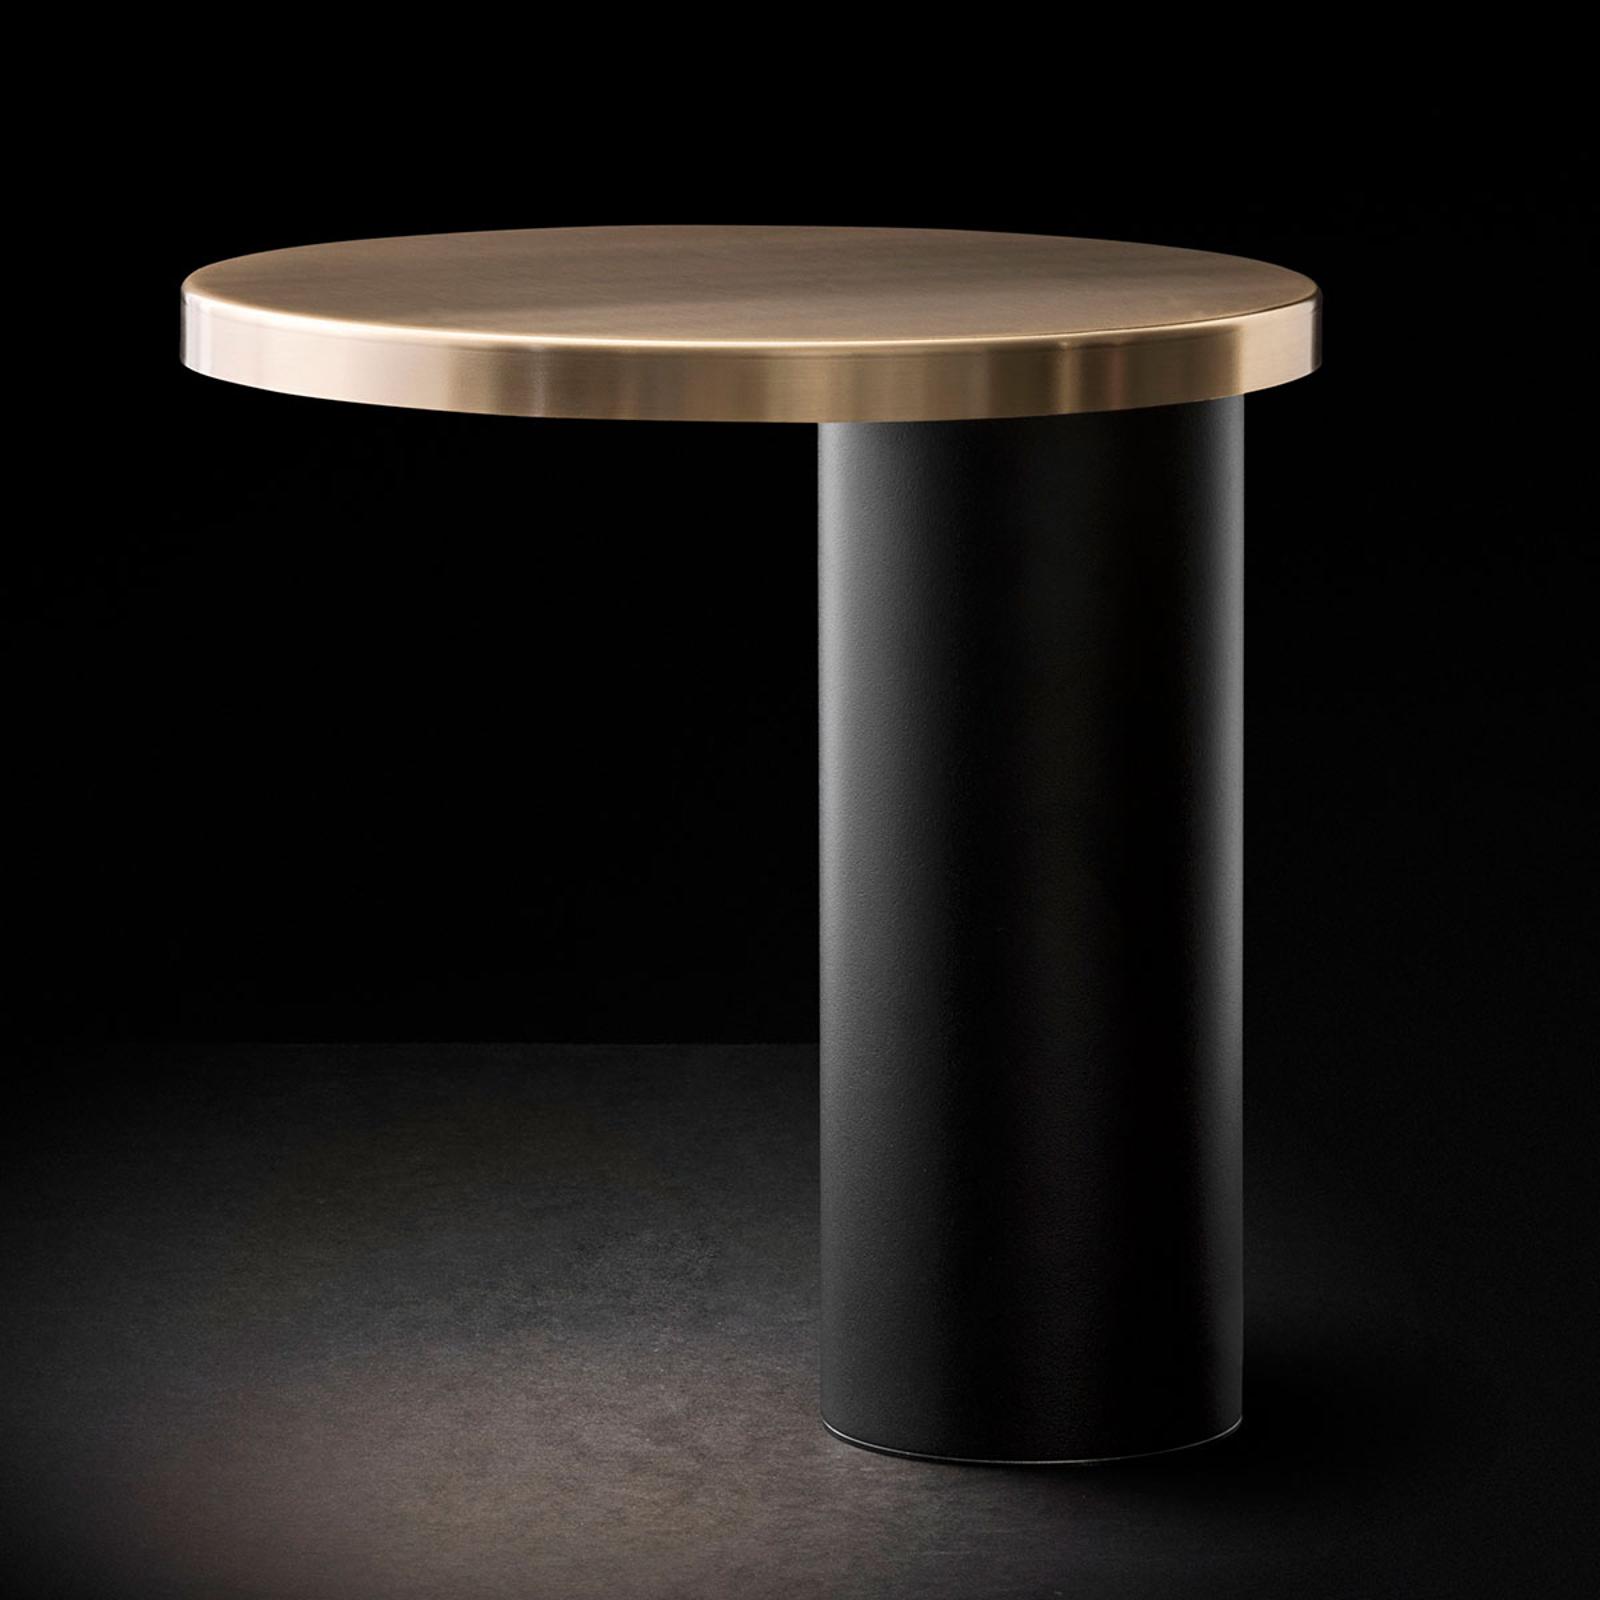 Oluce Cylinda lampe à poser LED noir-doré